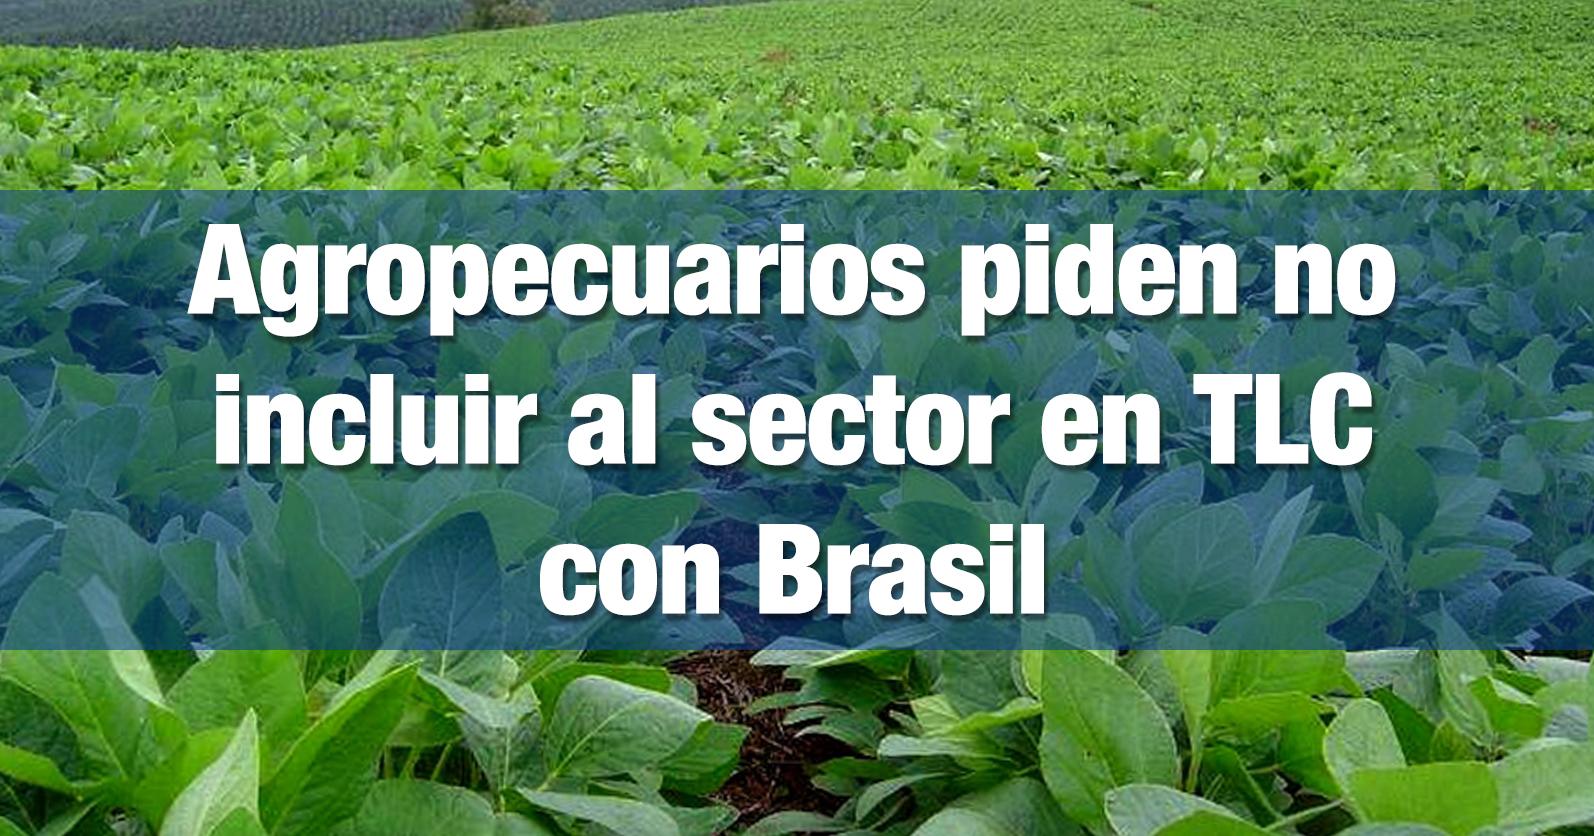 Agropecuarios piden no incluir al sector en TLC con Brasil